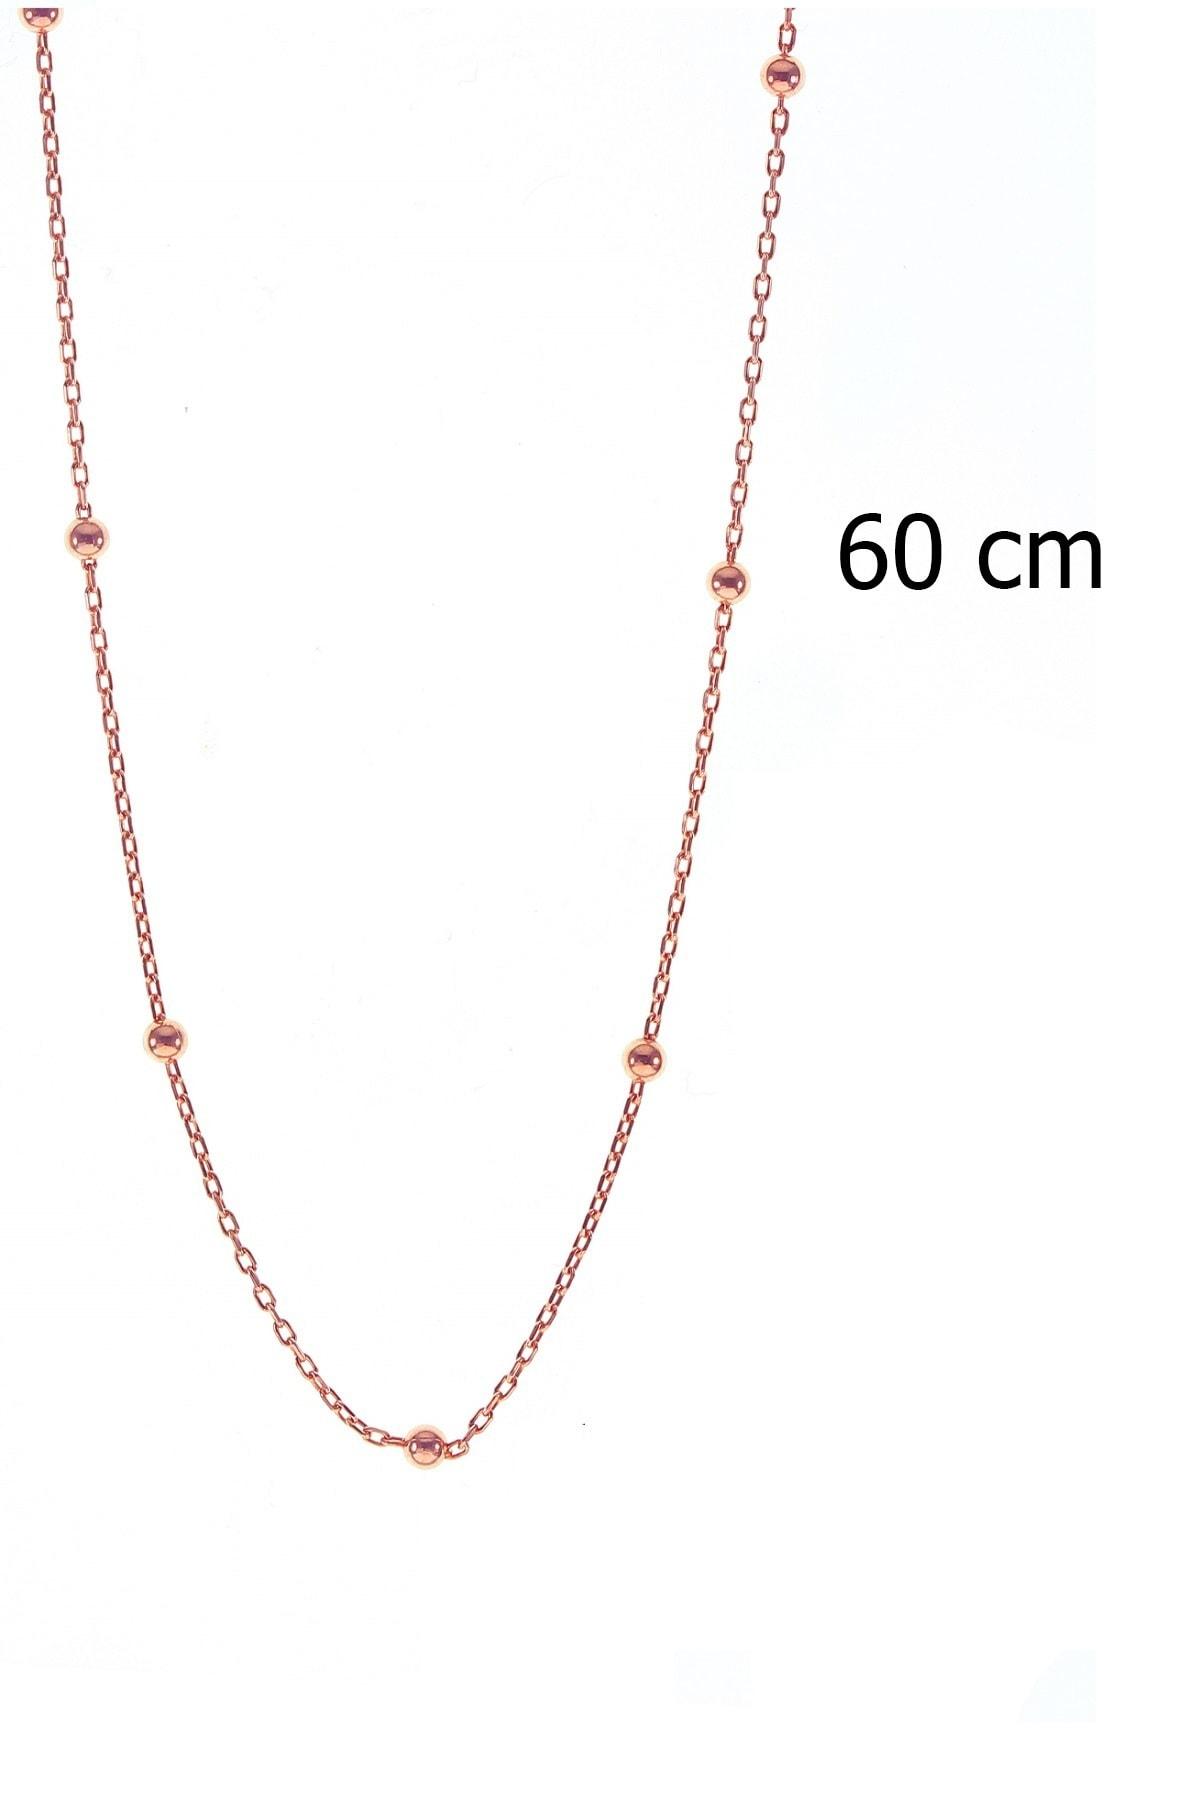 Söğütlü Silver Gümüş 60 Cm Top Top Zincir 1